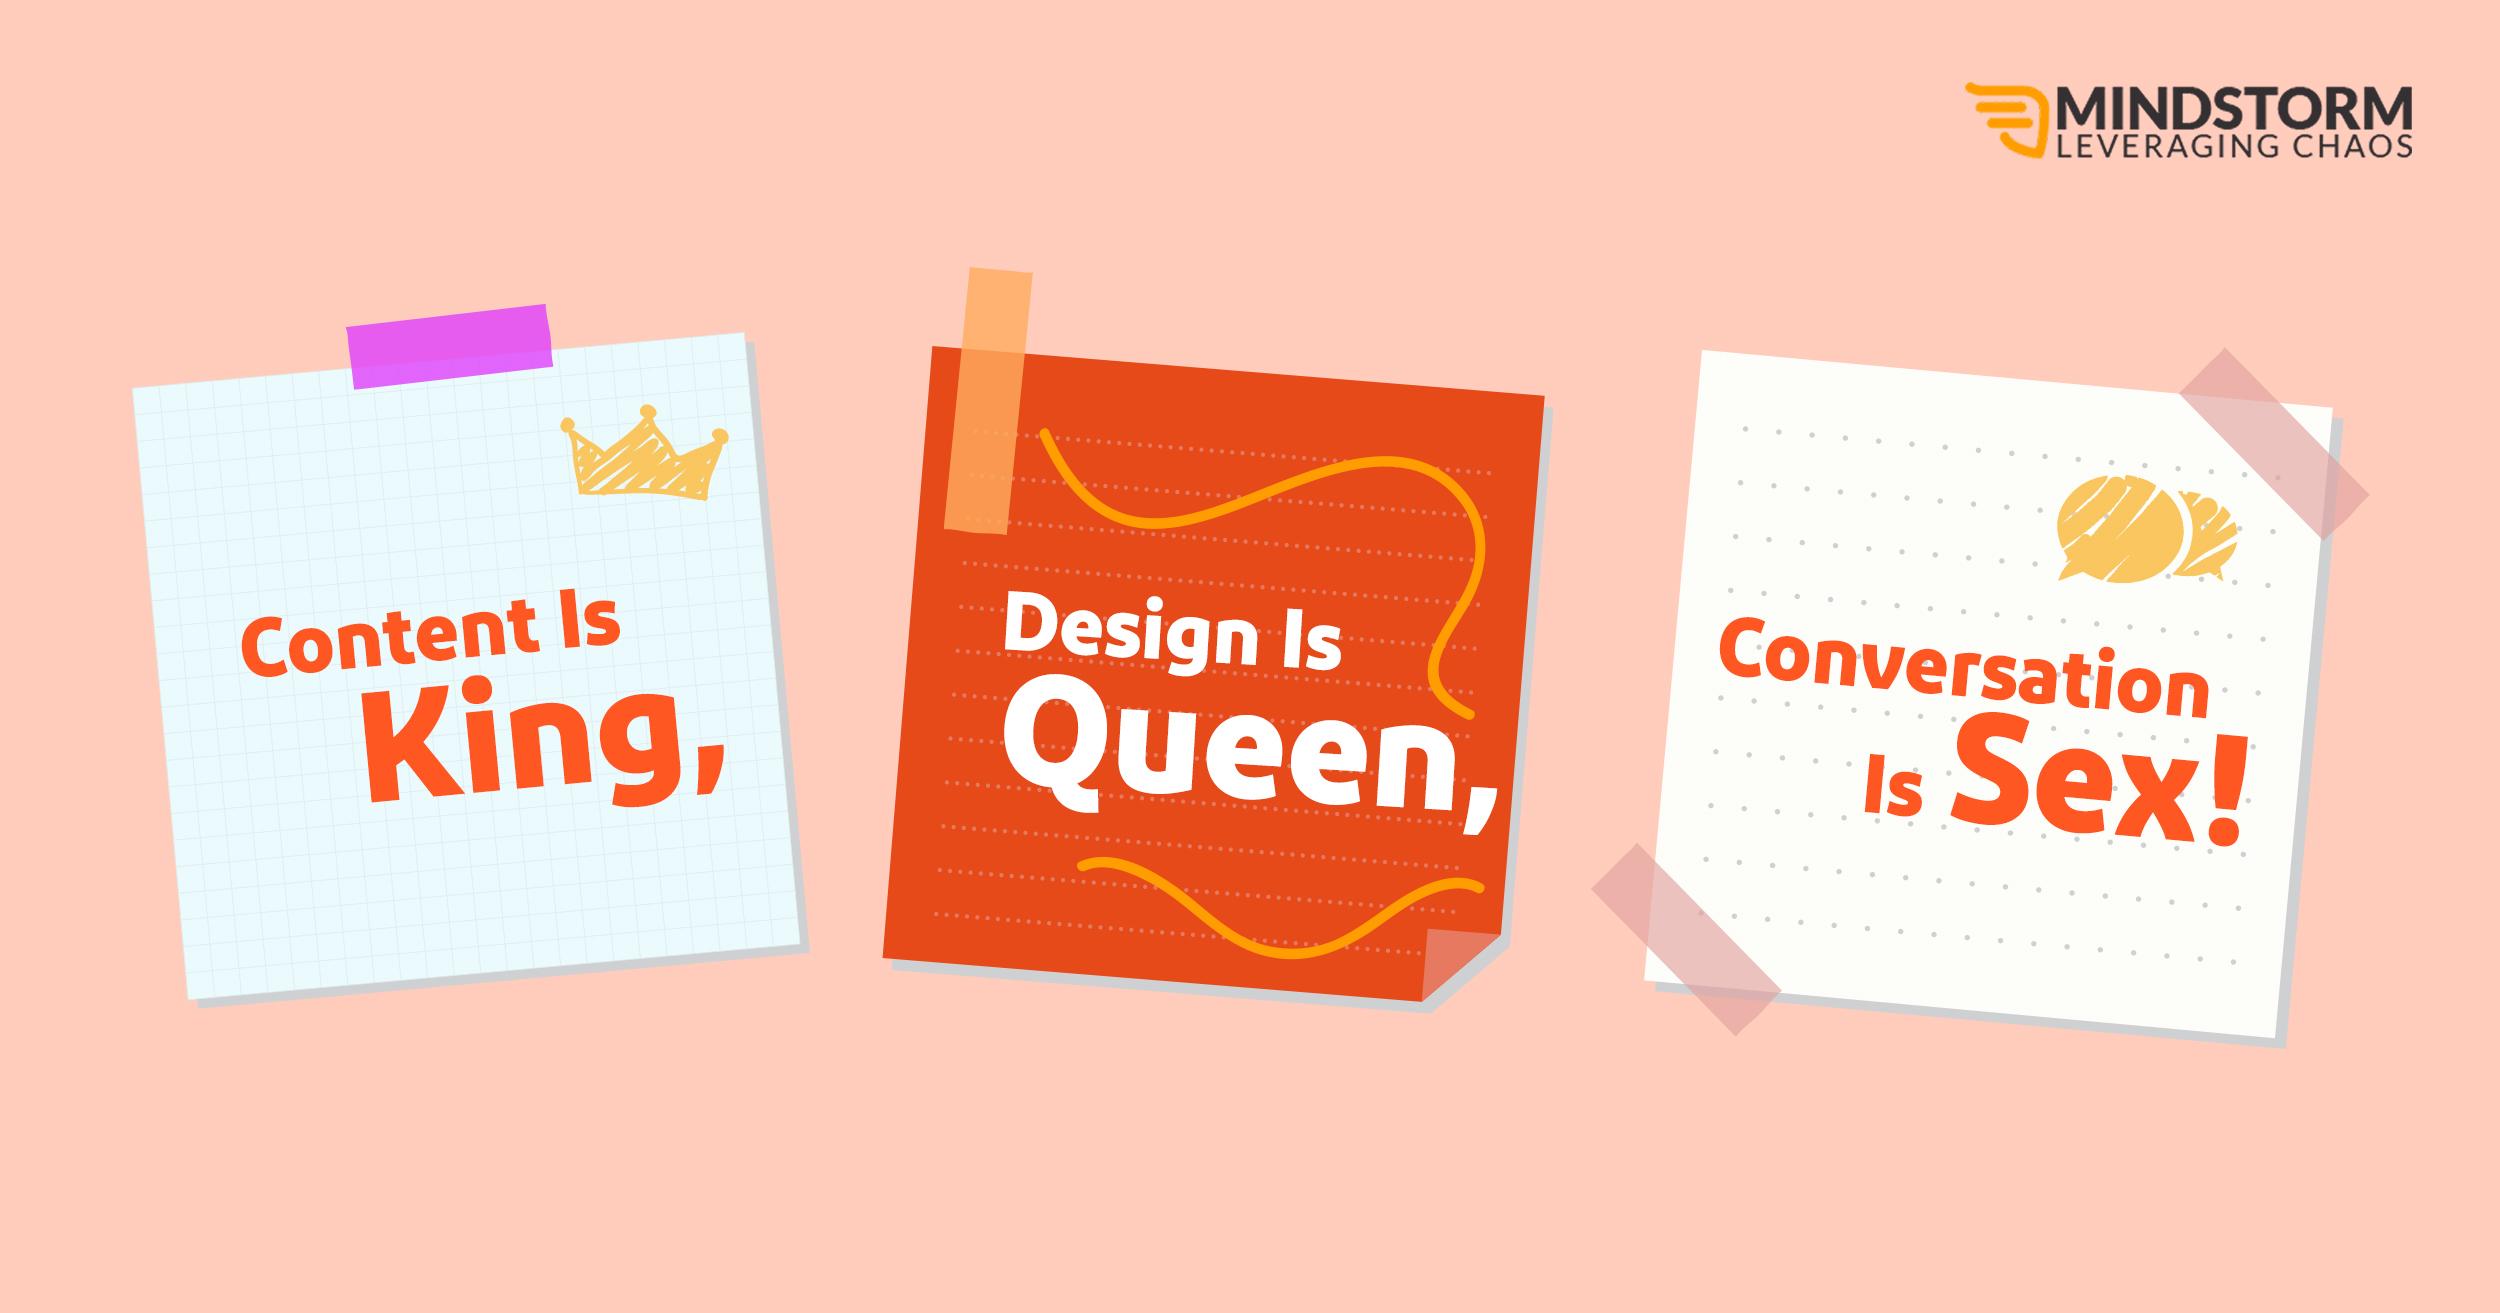 Content is King, Design is Queen, Conversation is Sex!